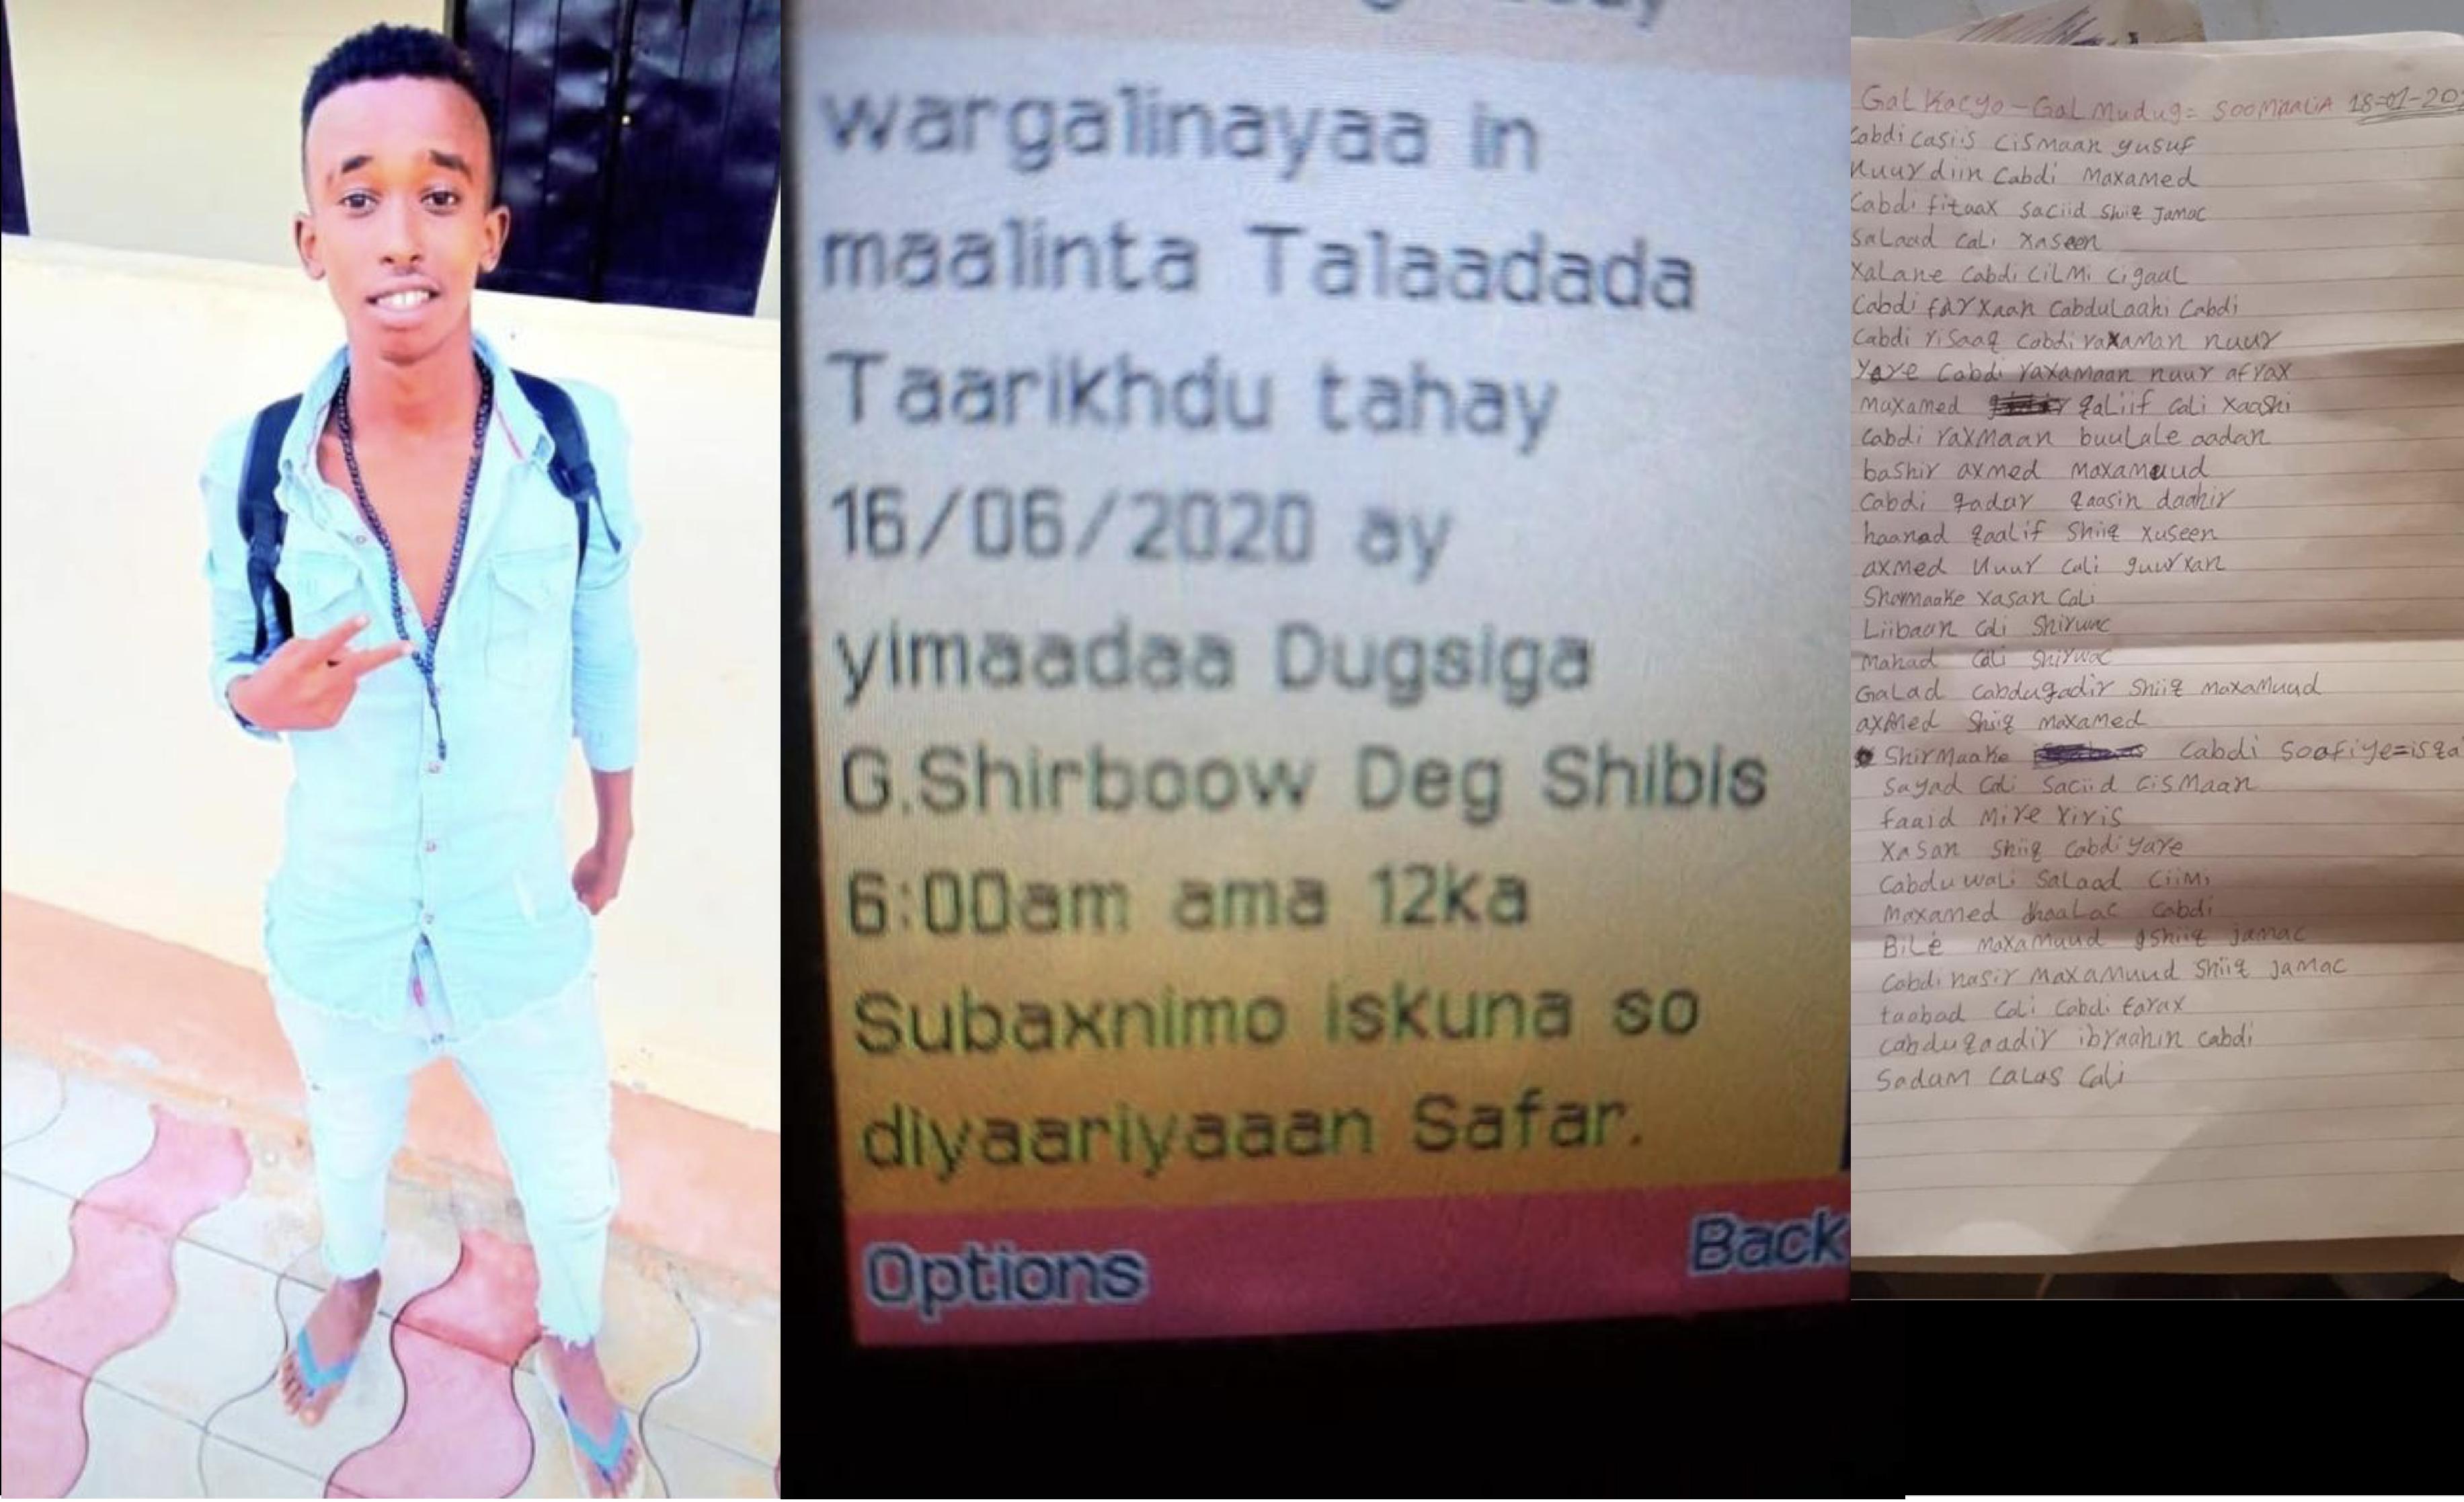 [Daawo] Dahir Alasow oo baahiyay qeybta 1aad magacyada iyo qabiilada dhalinyaradii Eritrea loo qaaday ee la waayay